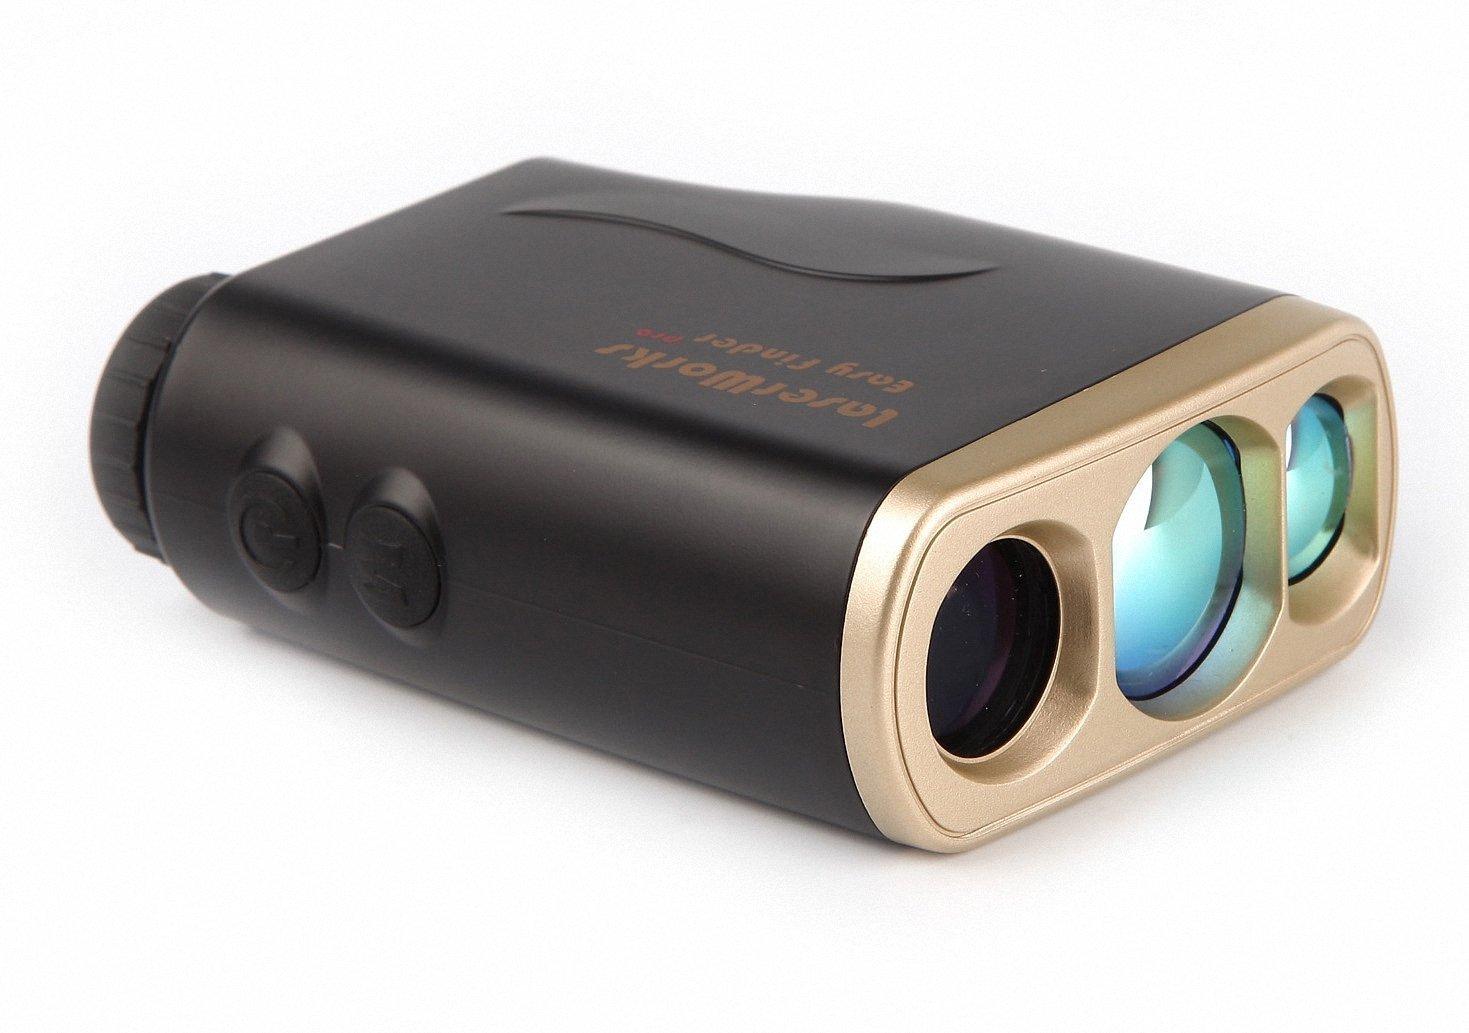 Swarovski Entfernungsmesser Nikon : Entfernungsmesser mit winkelmessung jagd: mt monocular teleskop